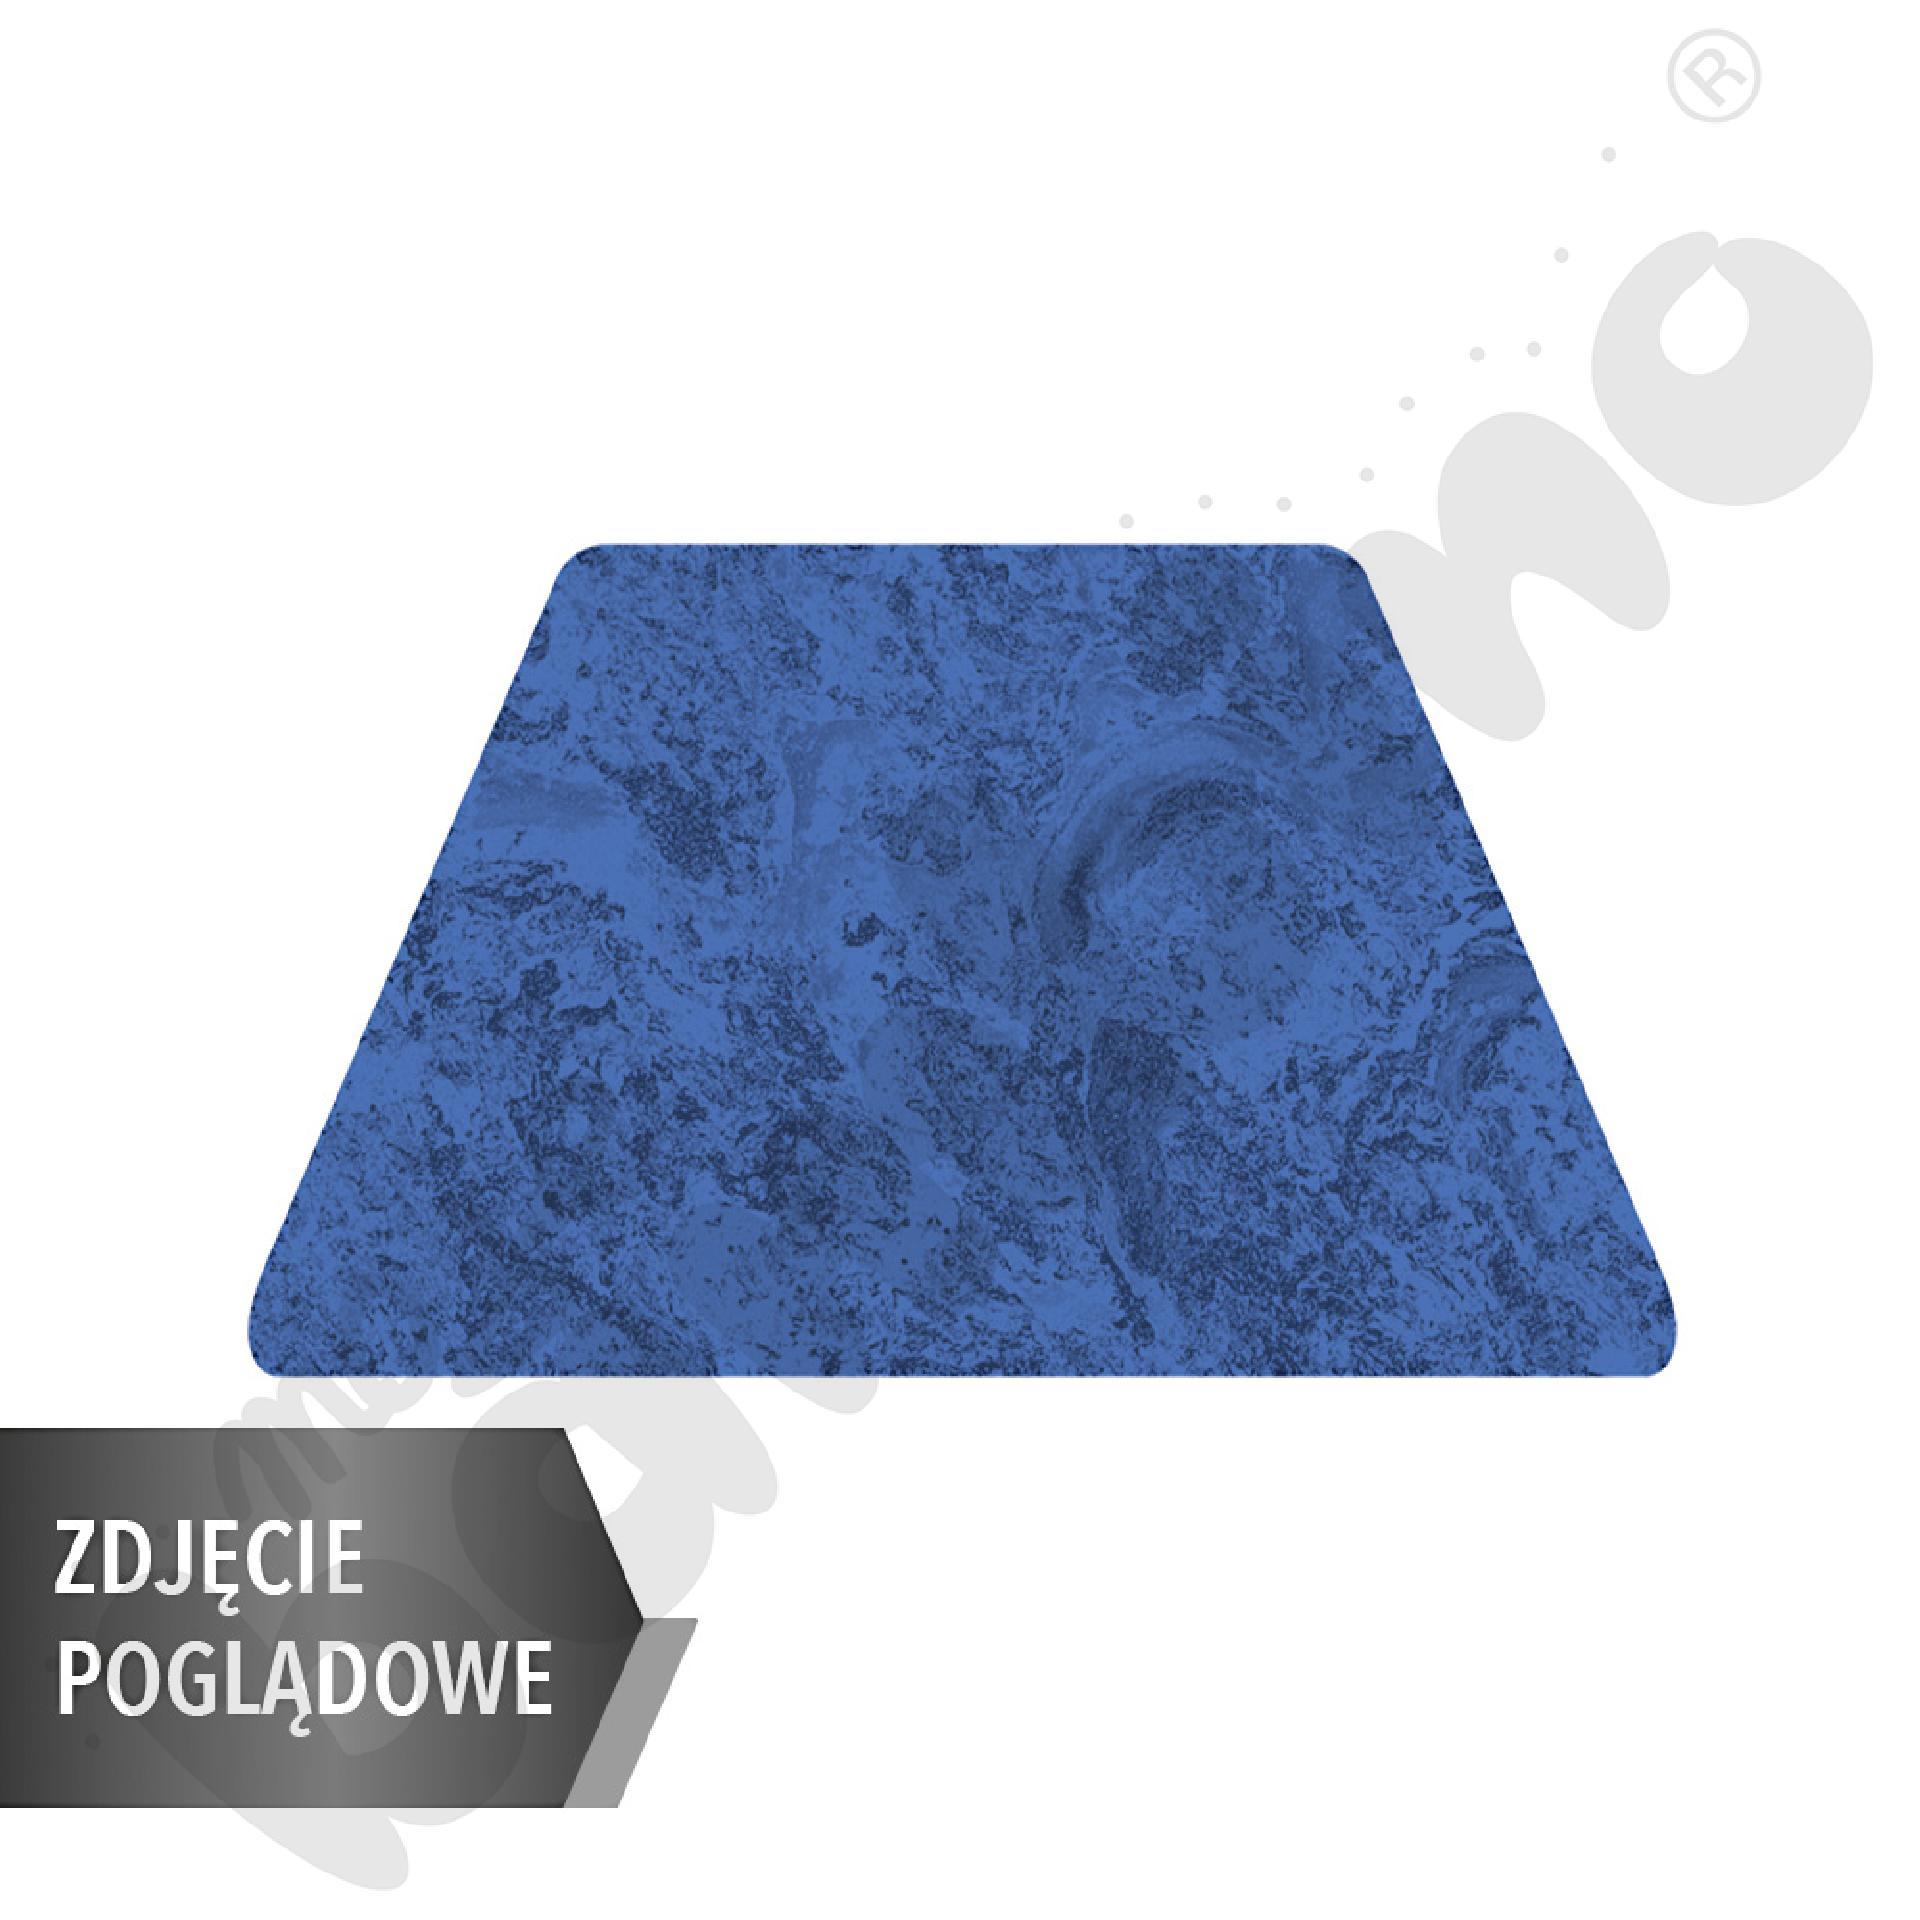 Cichy stół Plus trapezowy, 140 x 70 x 80 x 70 cm, zaokrąglone narożniki, rozm. 5 - niebieski